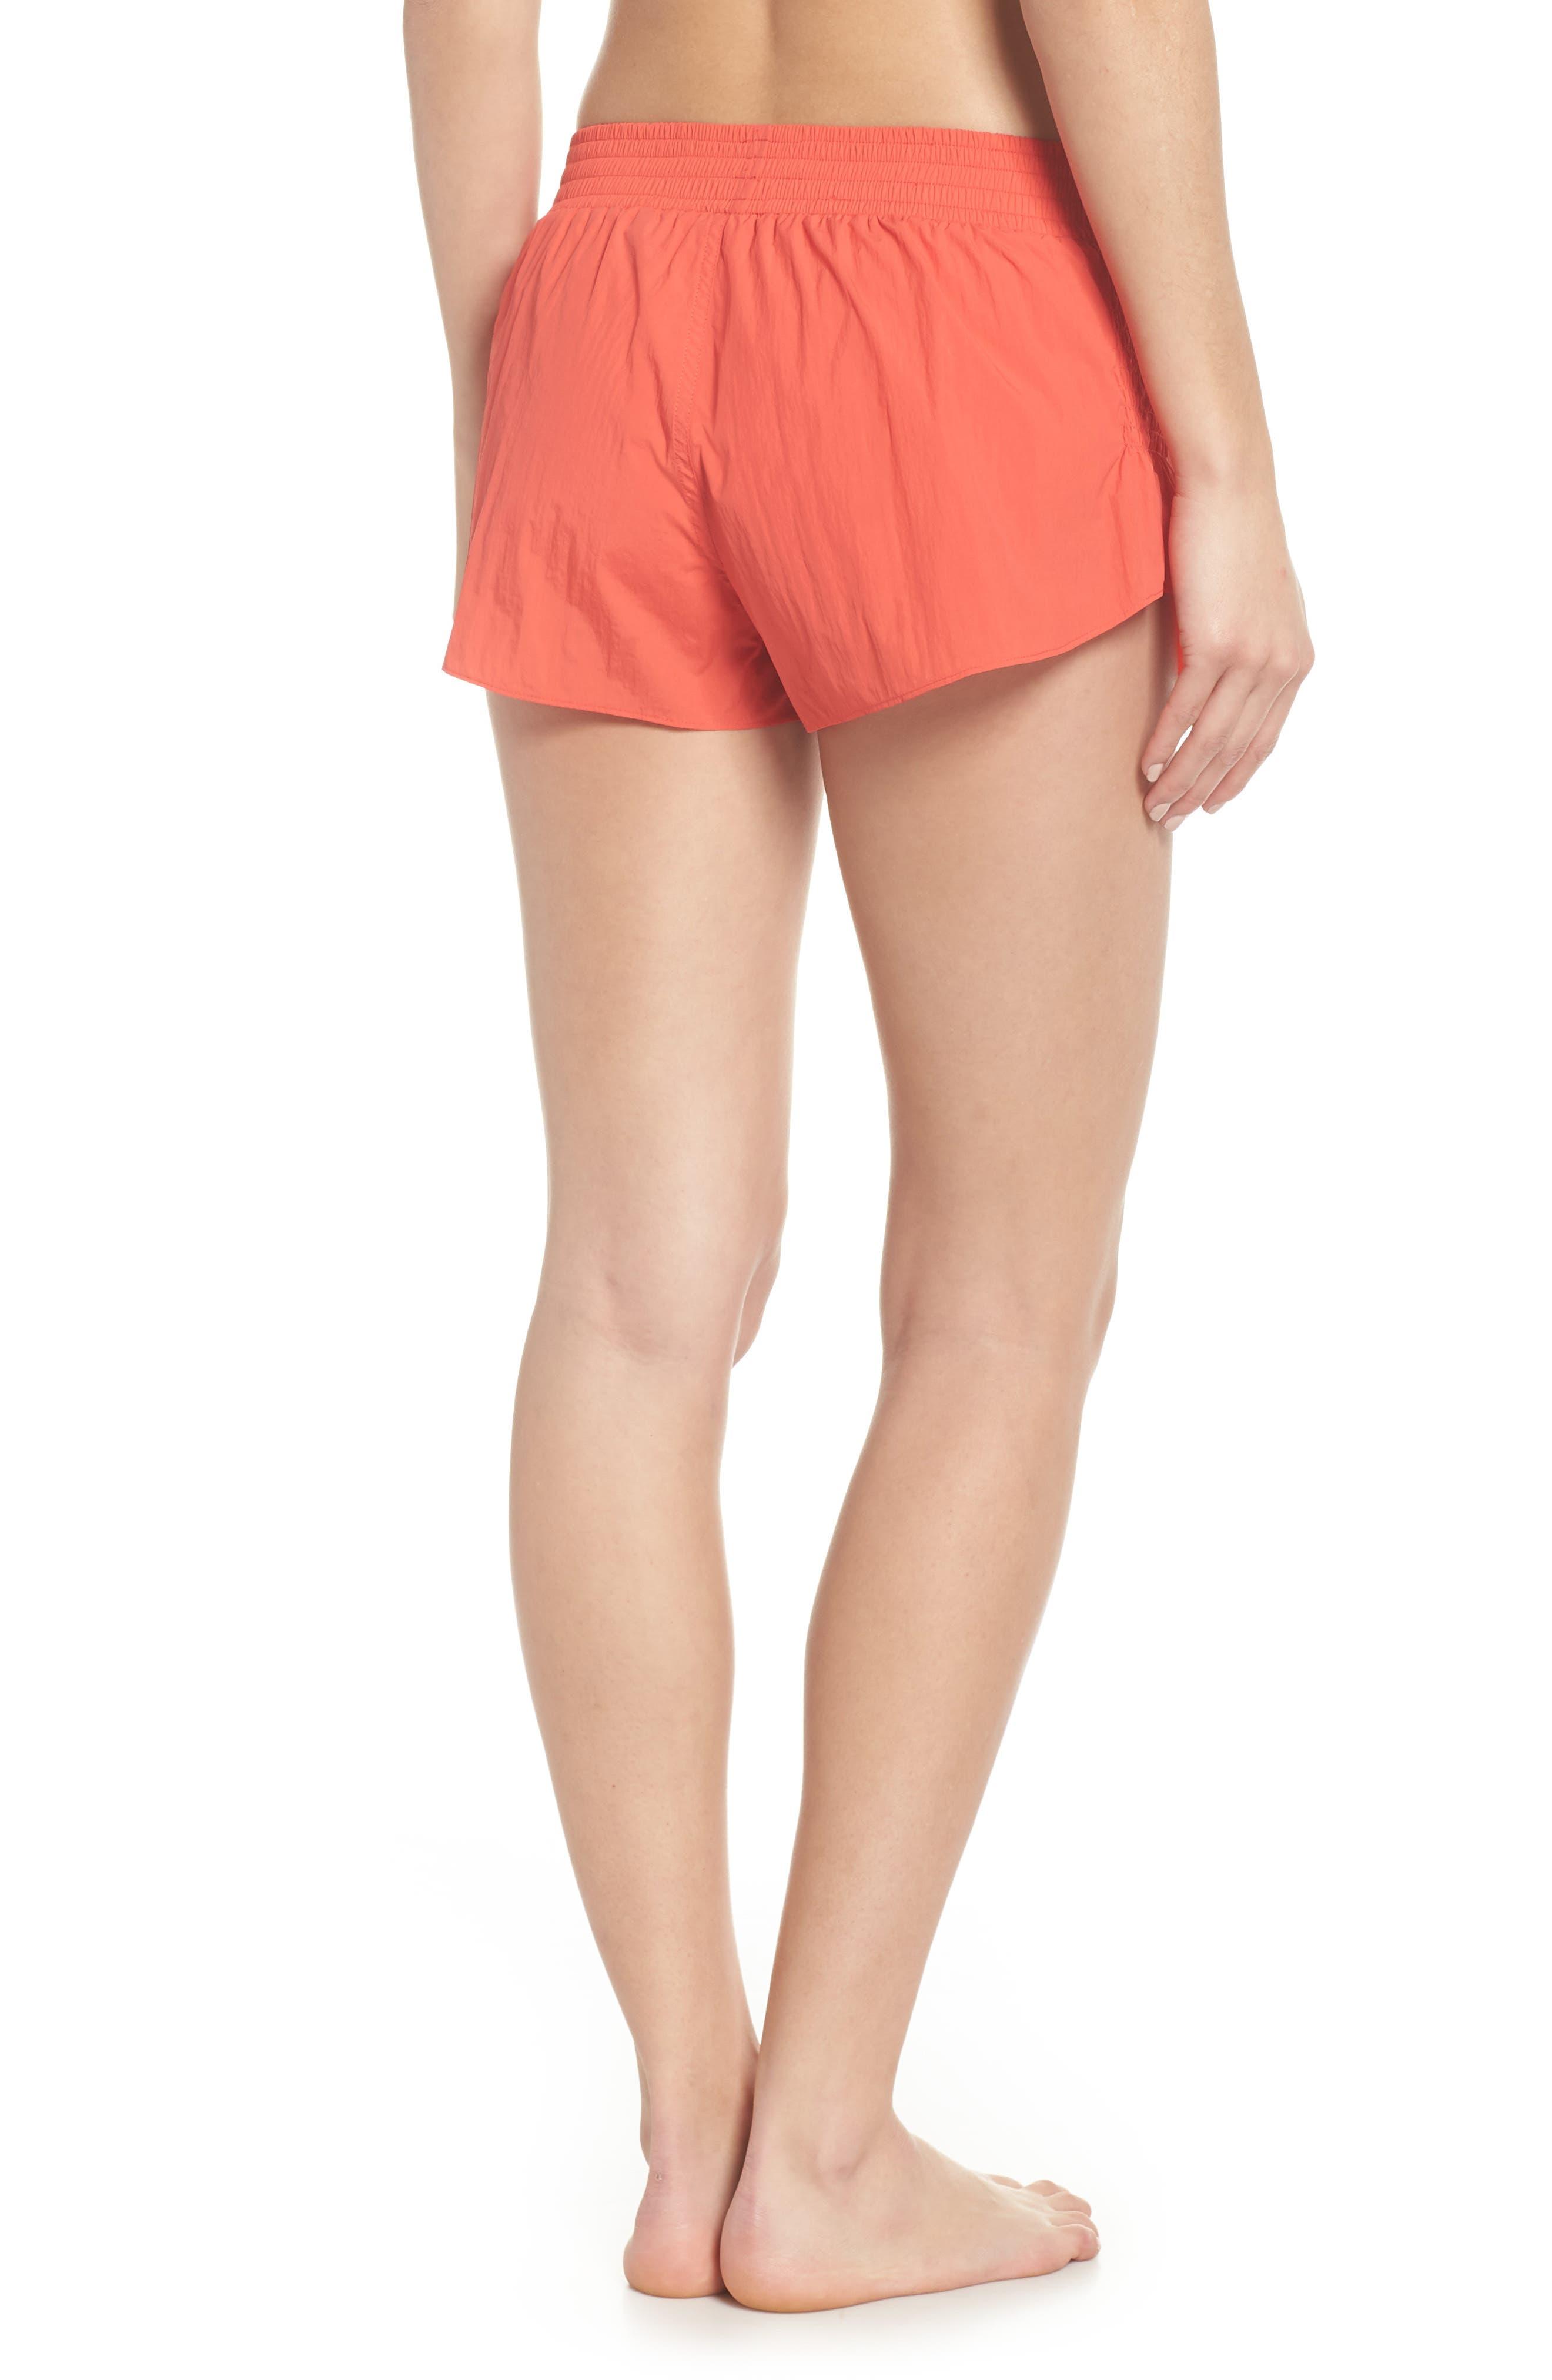 Fuji Shorts,                             Alternate thumbnail 2, color,                             Coral